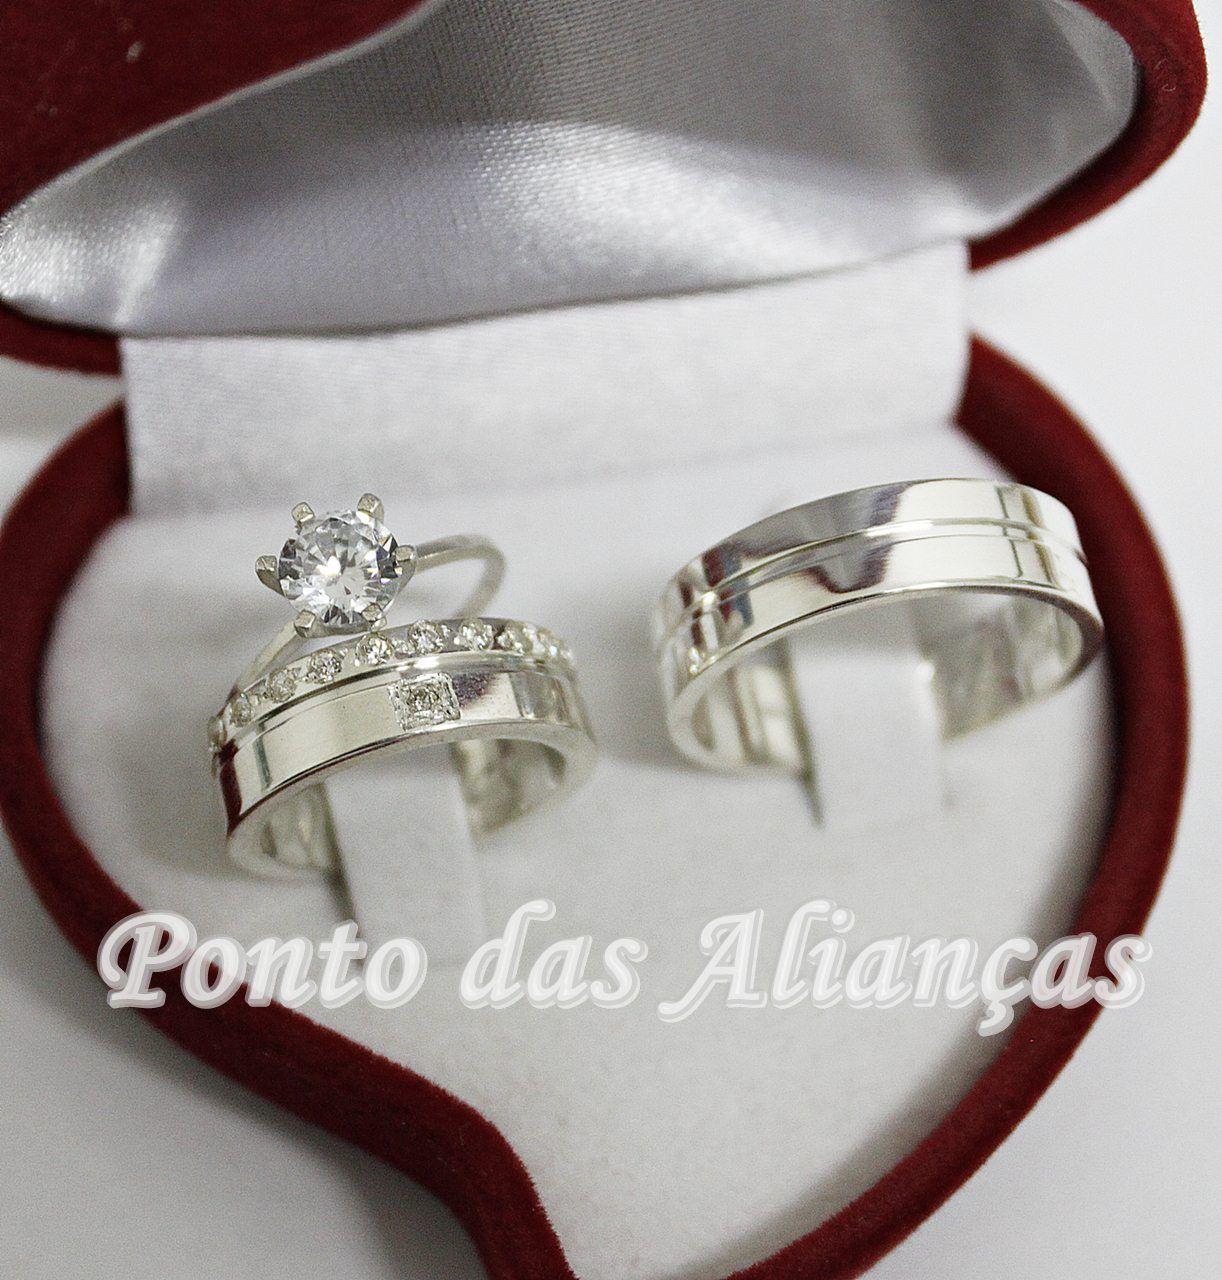 Alianças de Prata Compromisso - 3116